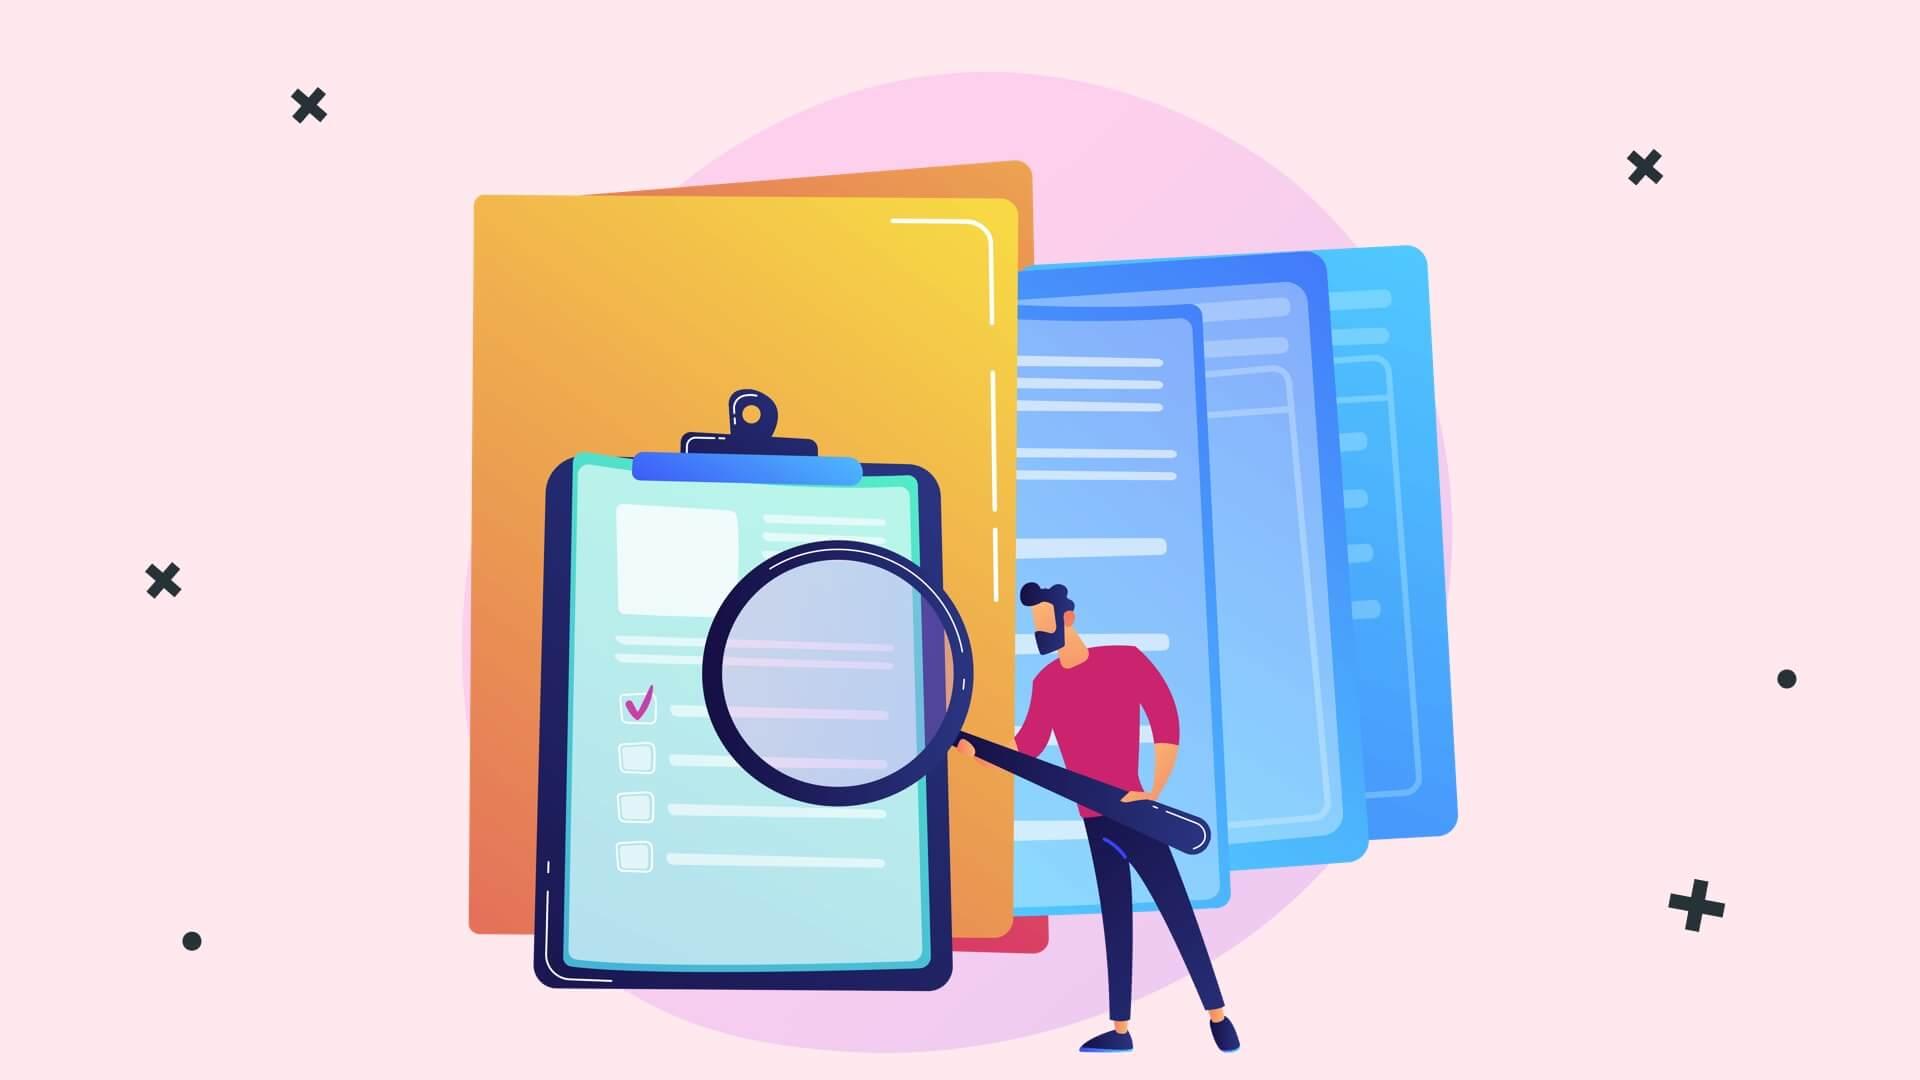 پنجره نمایش اطلاعات در مفید تریدر